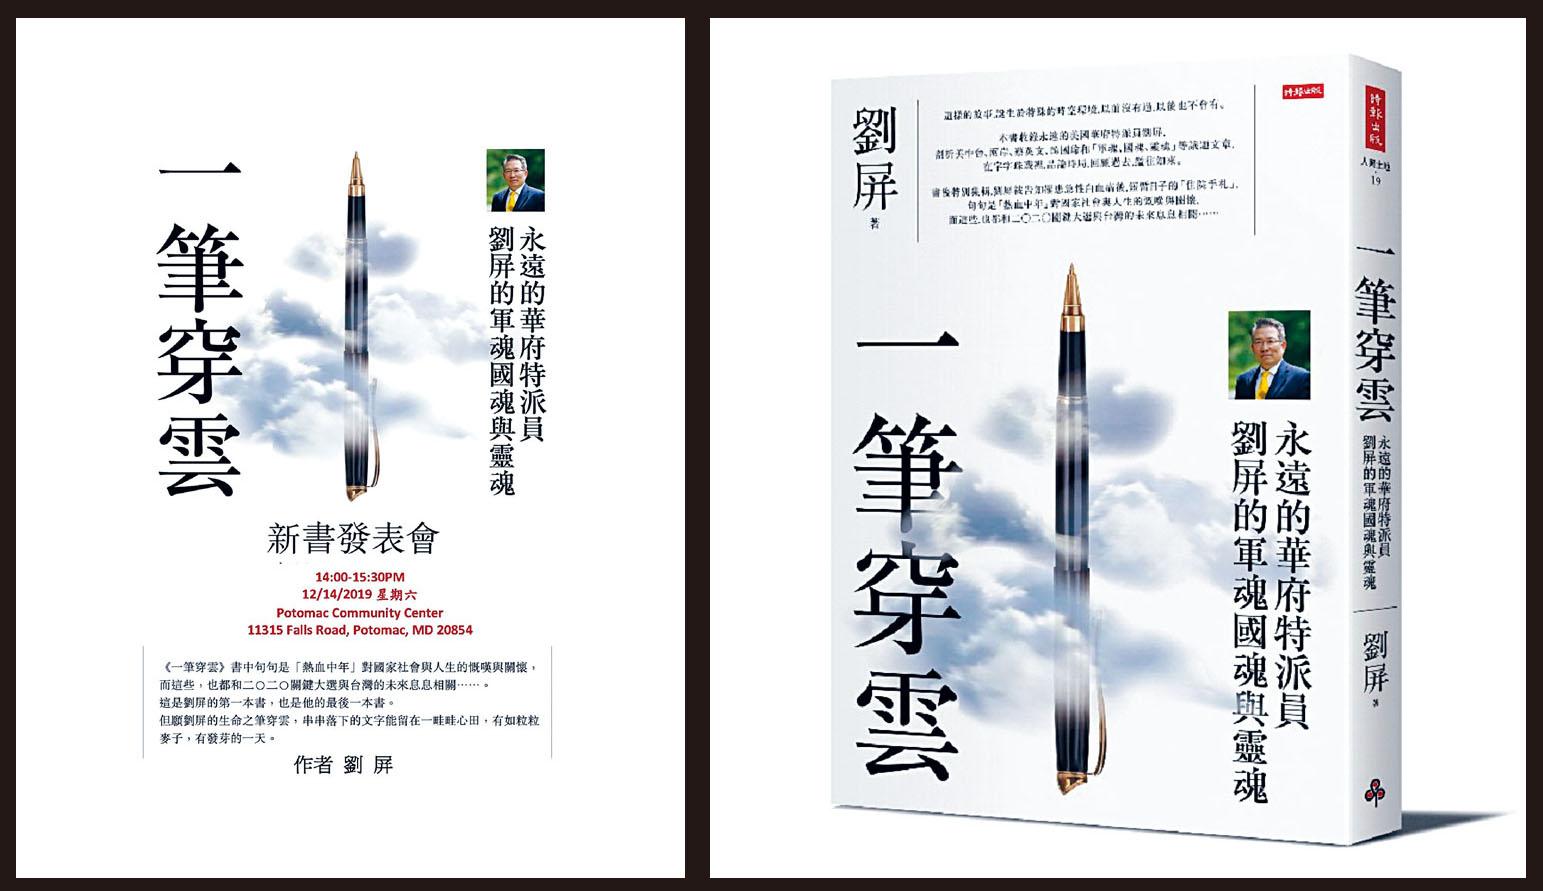 (左圖)《一筆穿雲》華府新書發表會12/14波托馬克社區中心舉行。 (右圖)圖為新書《一筆穿雲:永遠的華府特派員 劉屏的軍魂國魂與靈魂》。